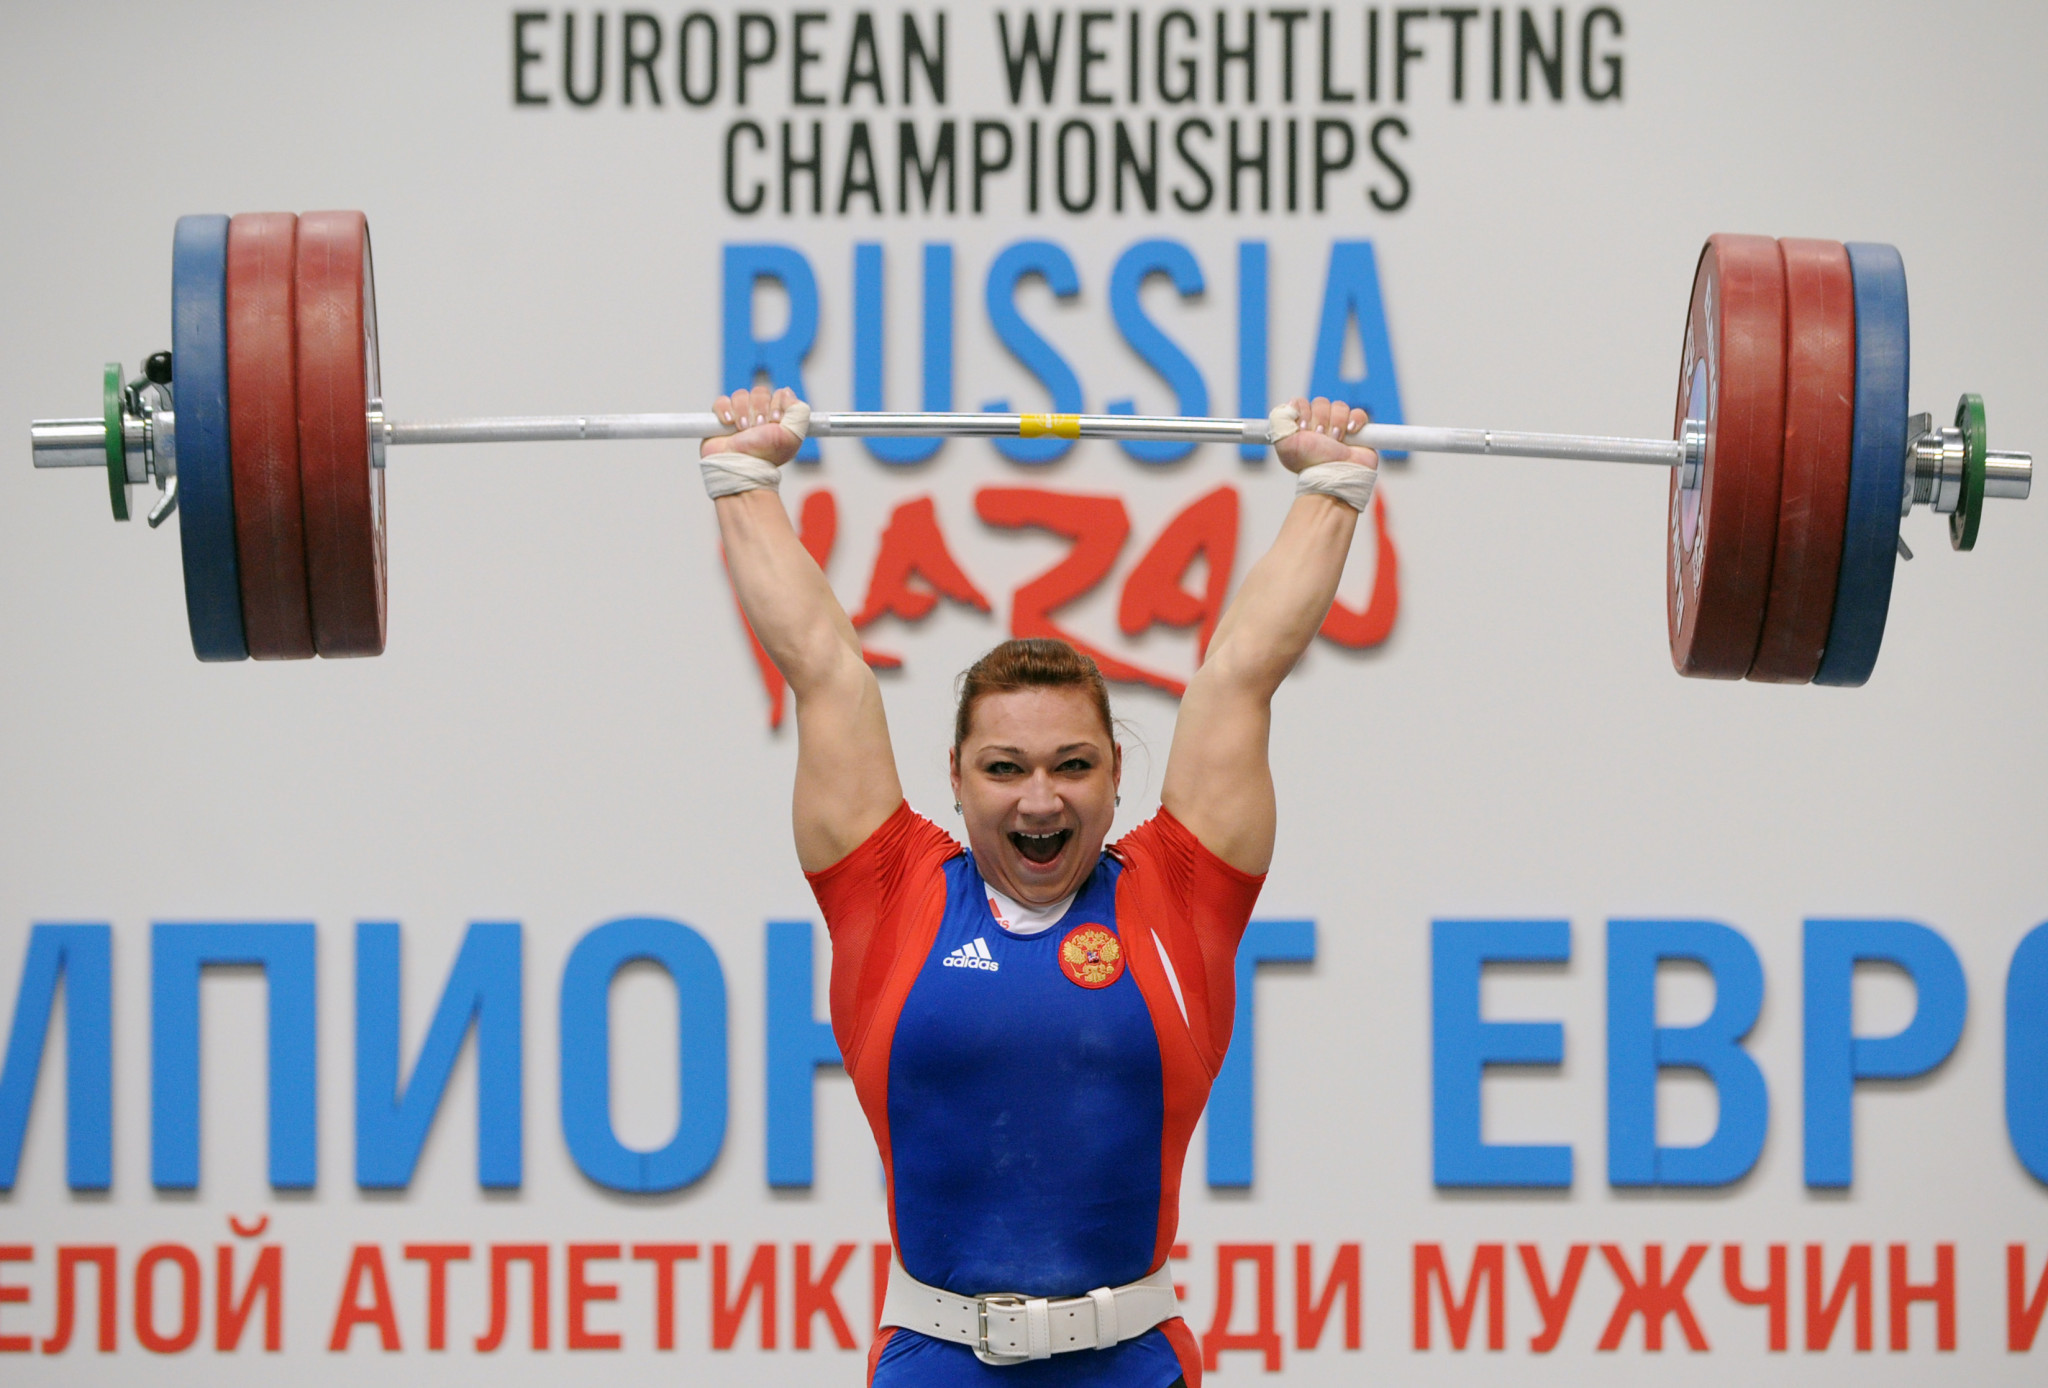 Трем российским тяжелоатлетам, включая Евстюхину, запретили употреблять допинг